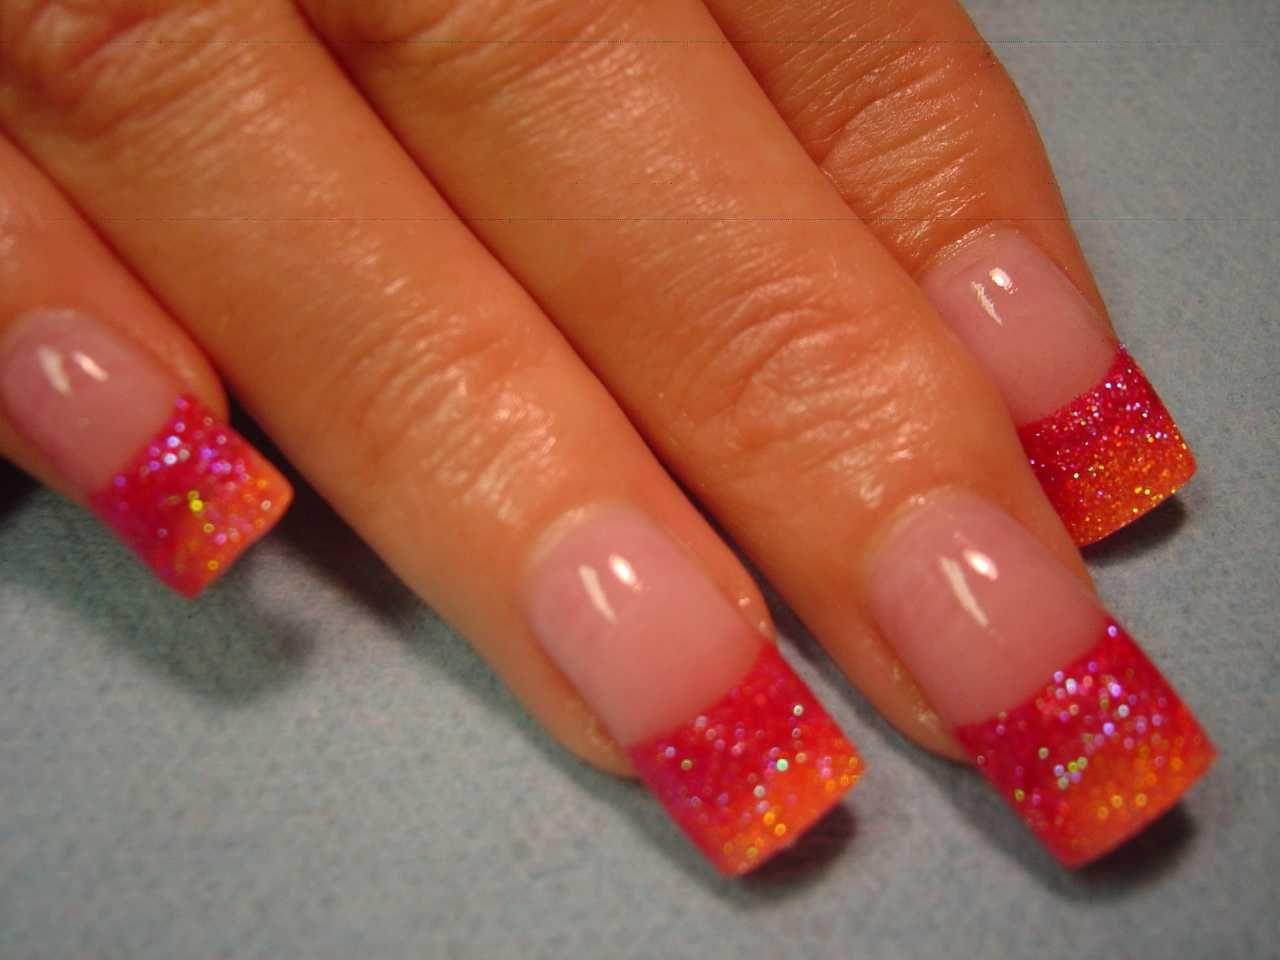 Sunshine French Glitter Fade Nail Art | nails | Pinterest | Glitter ...